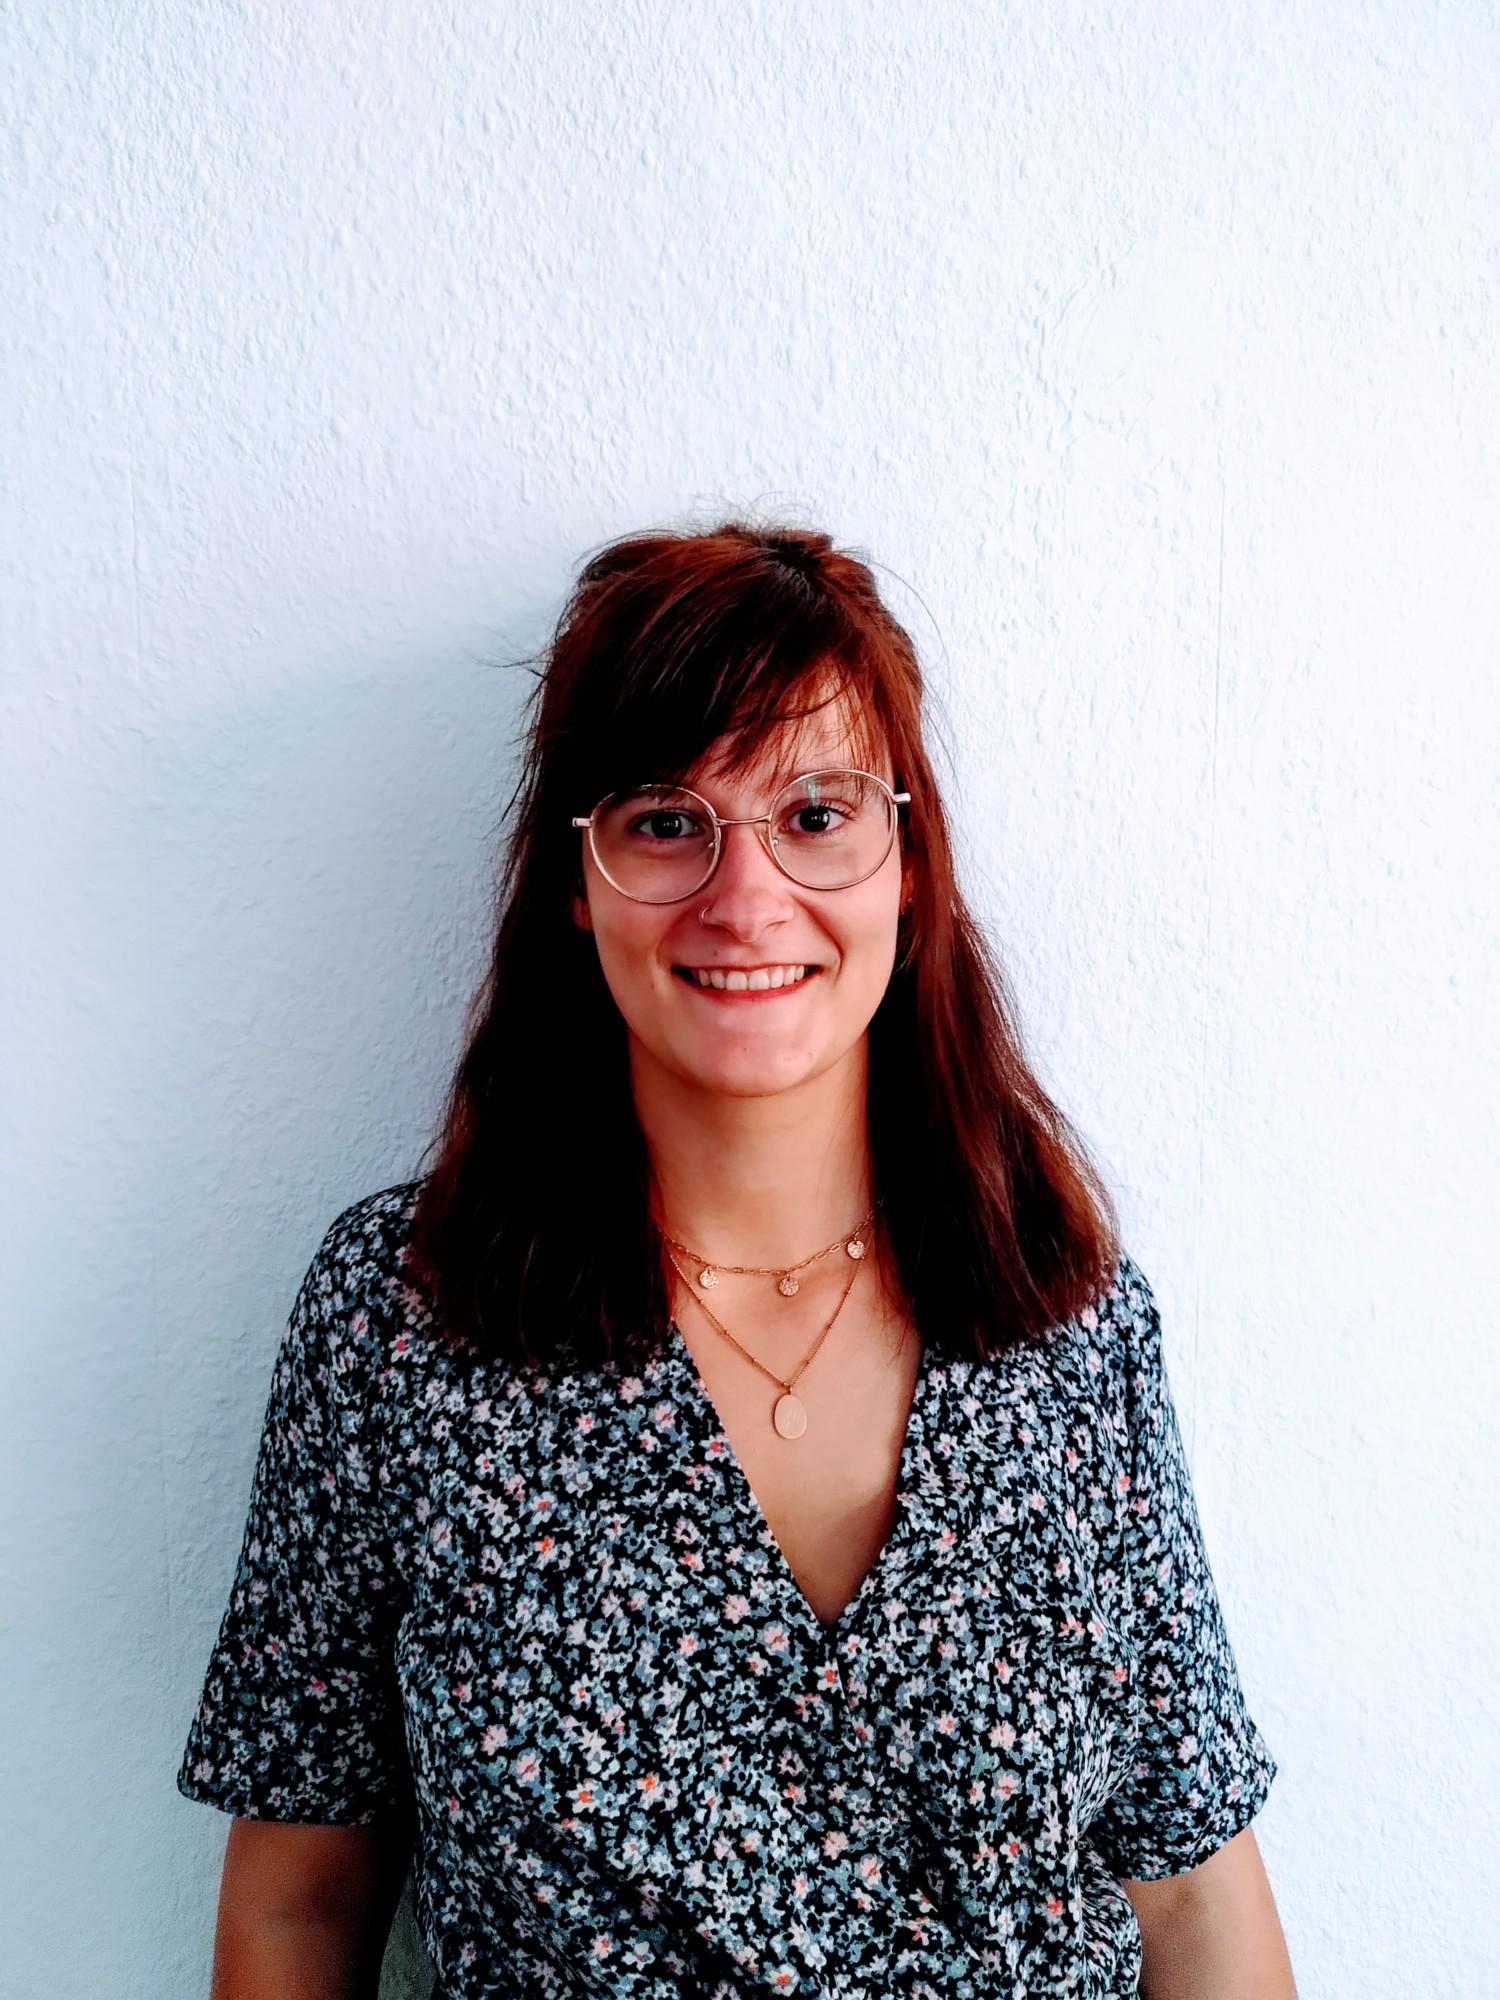 Luisa Weyers